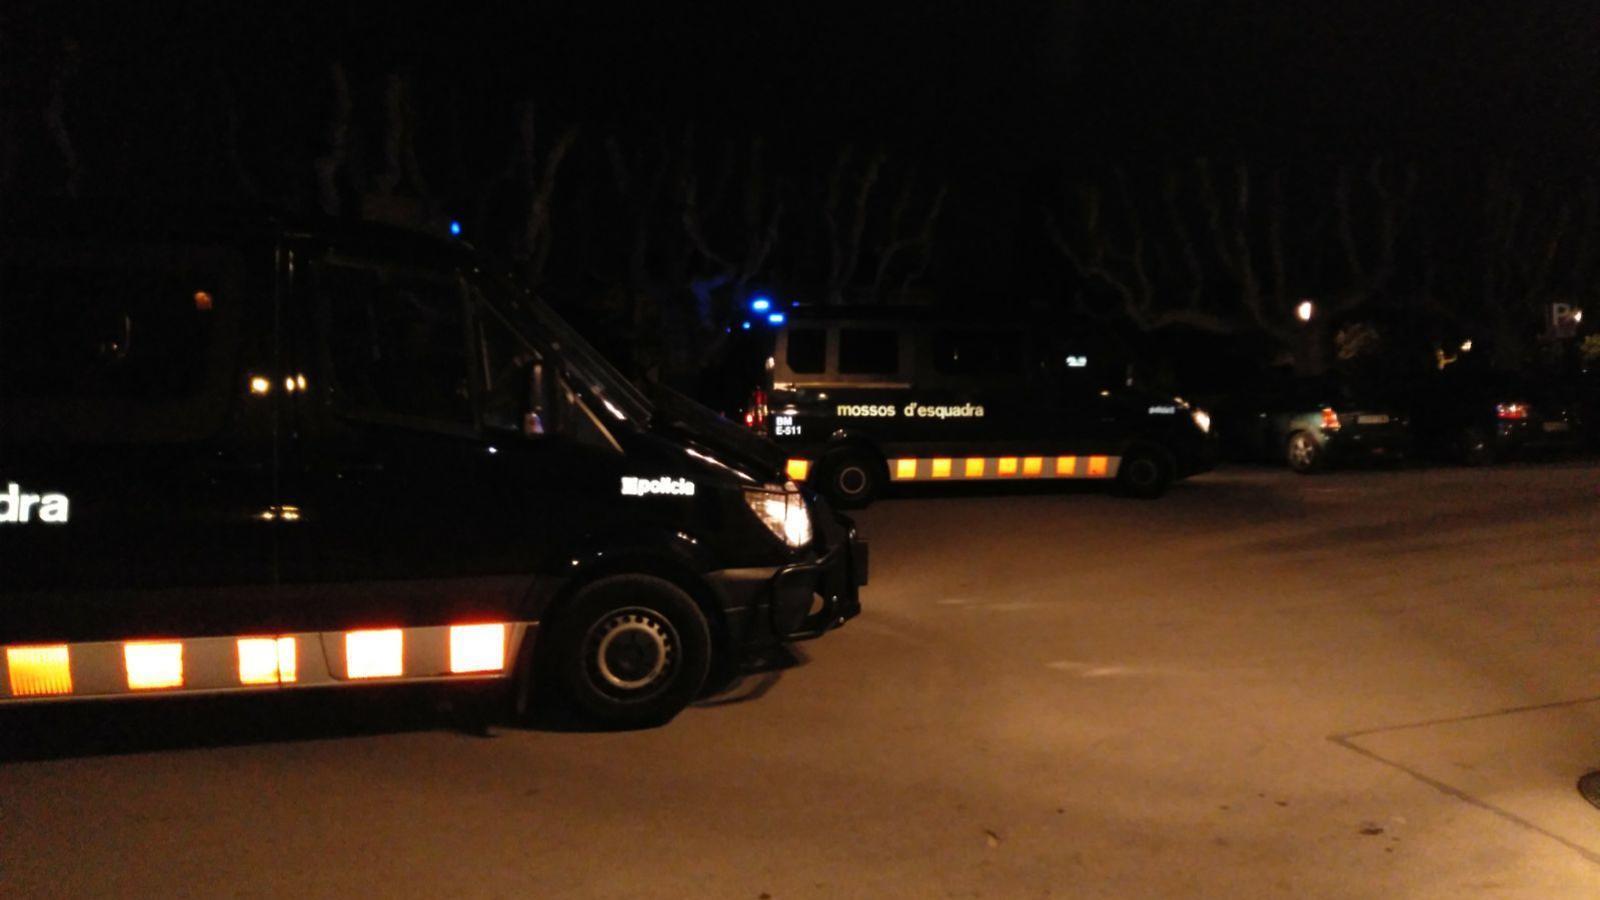 Els furgons dels Mossos d'Esquadra